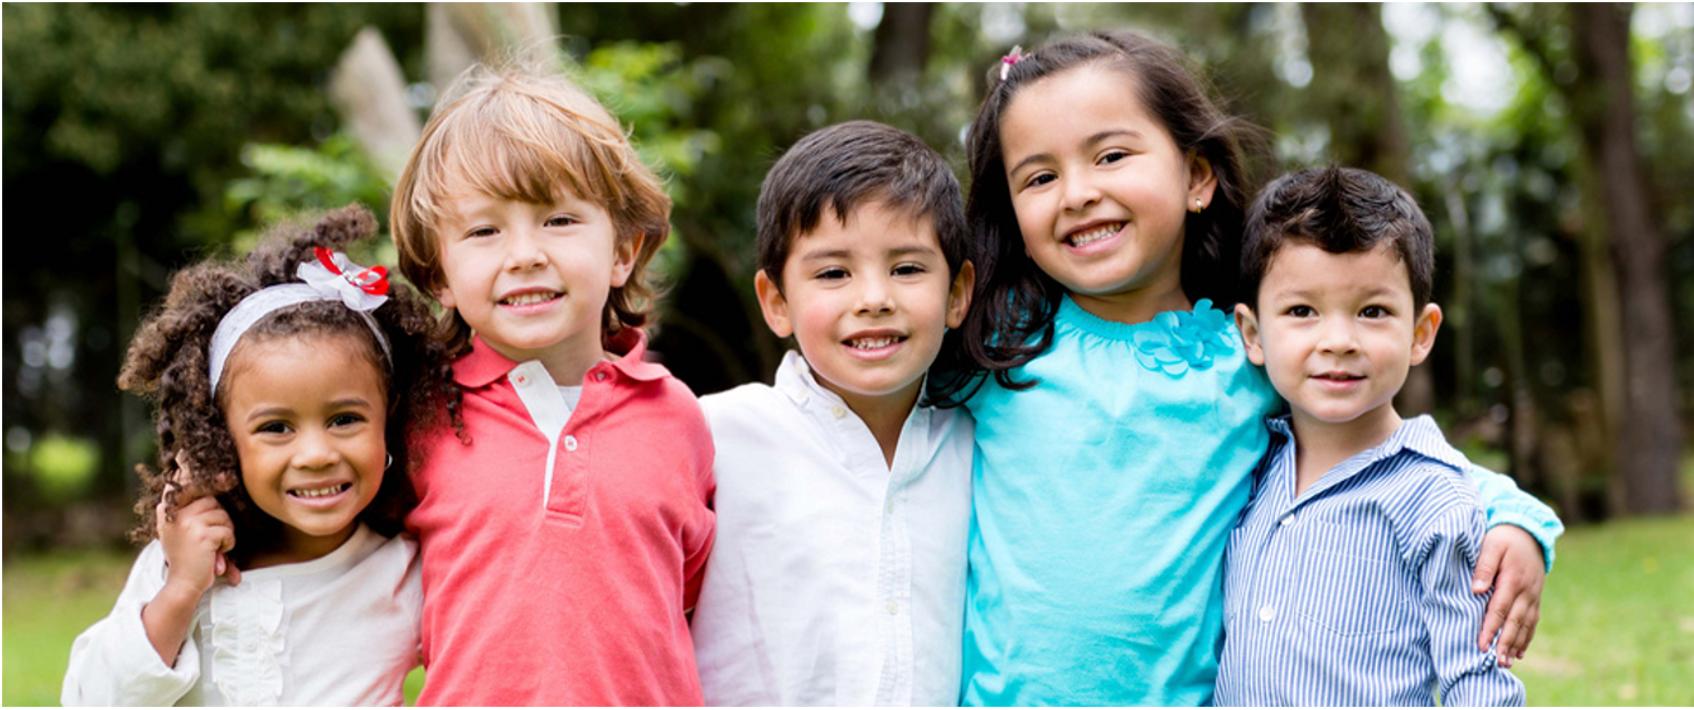 children who are friends